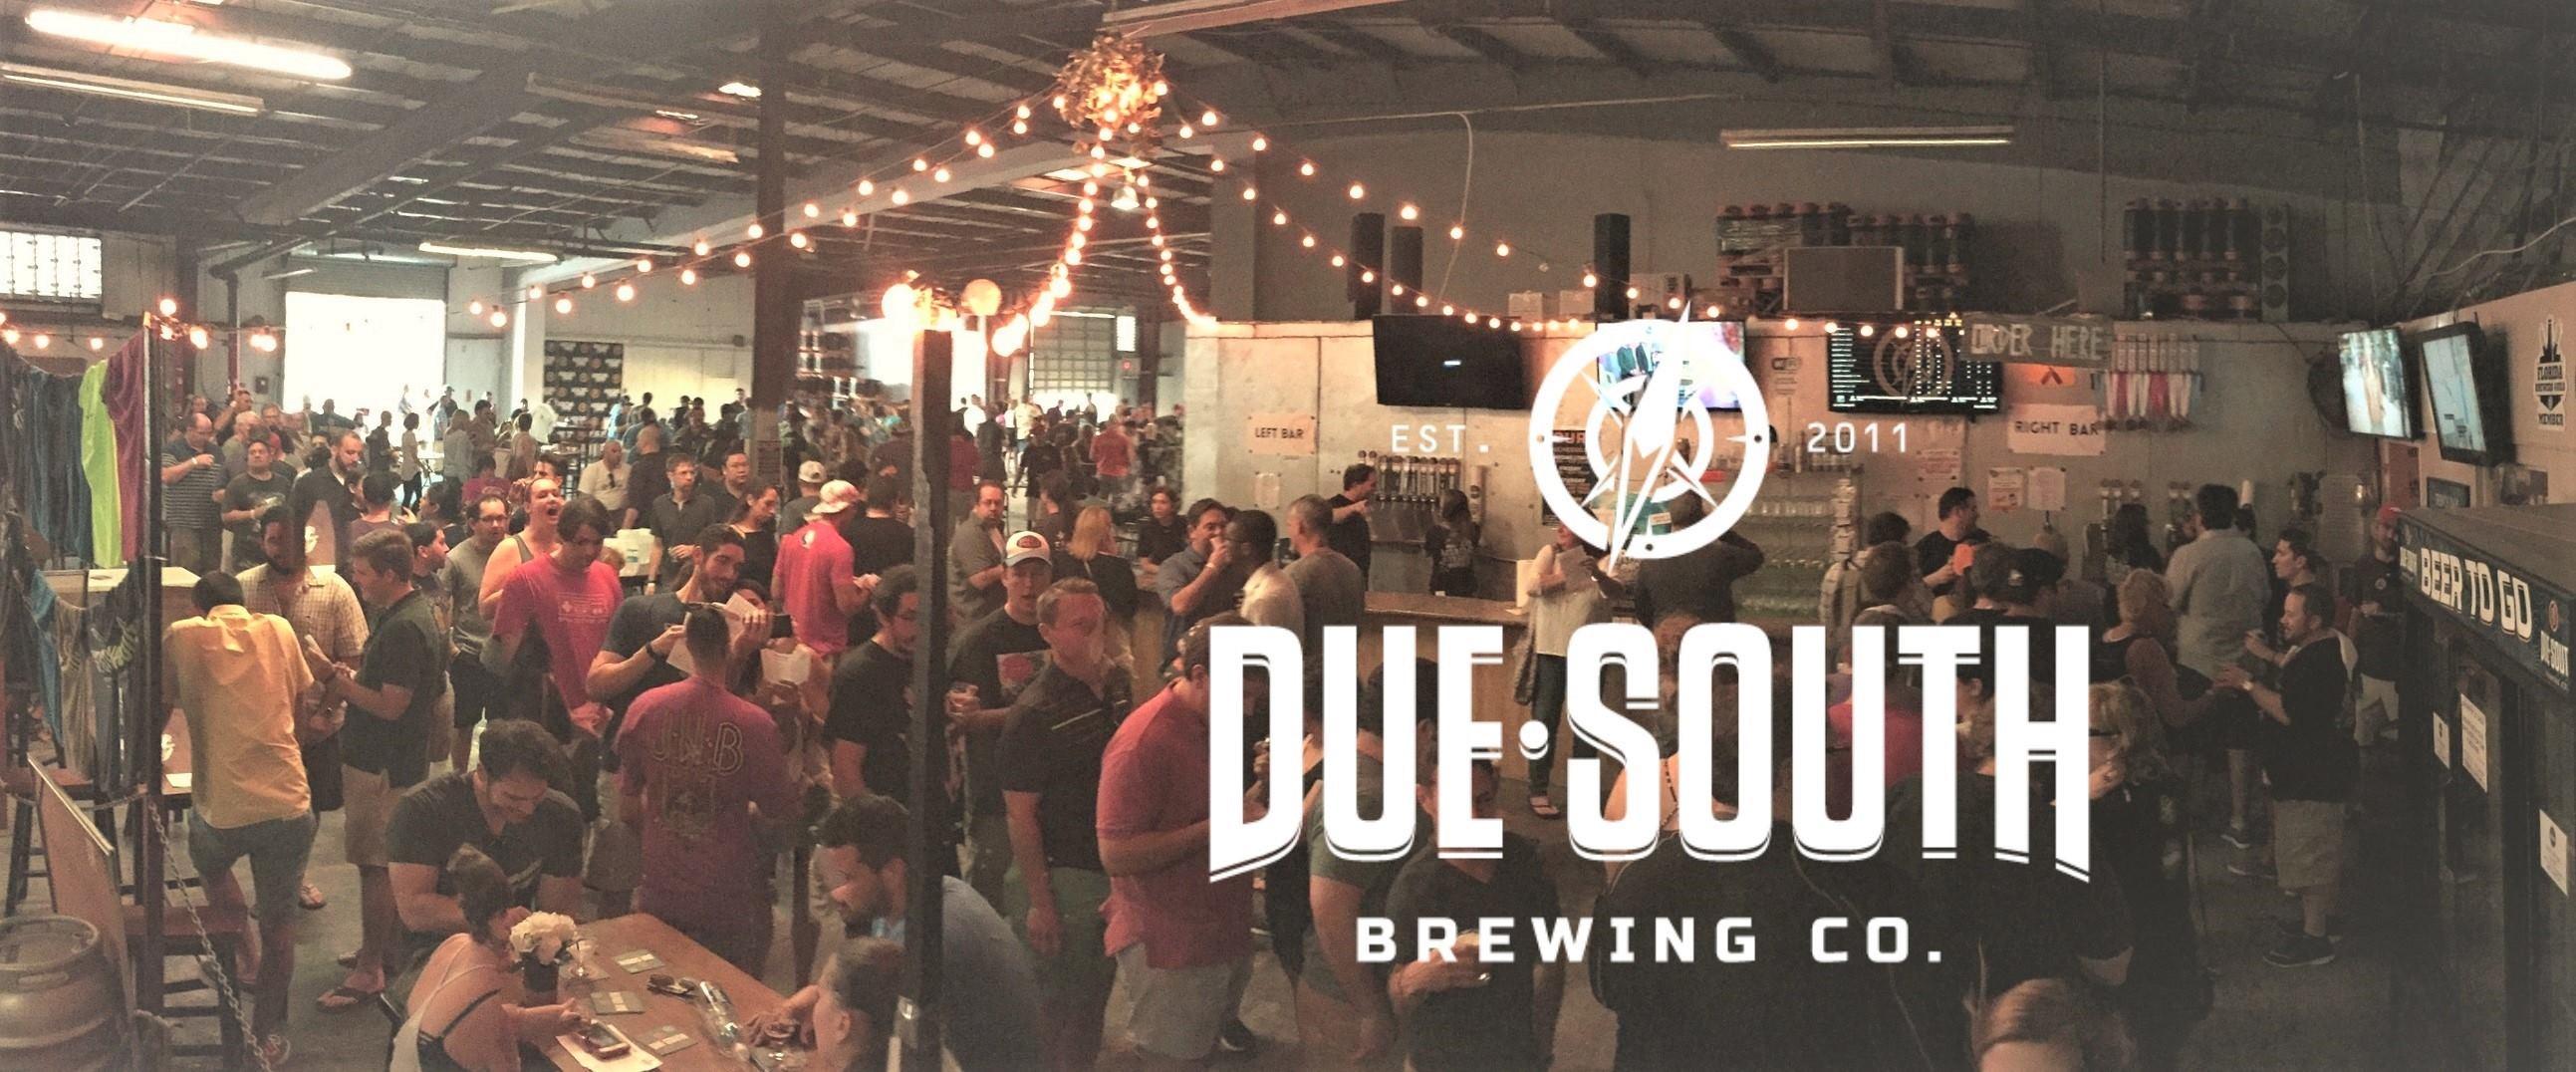 Due South Brewing - Boynton Beach Informative